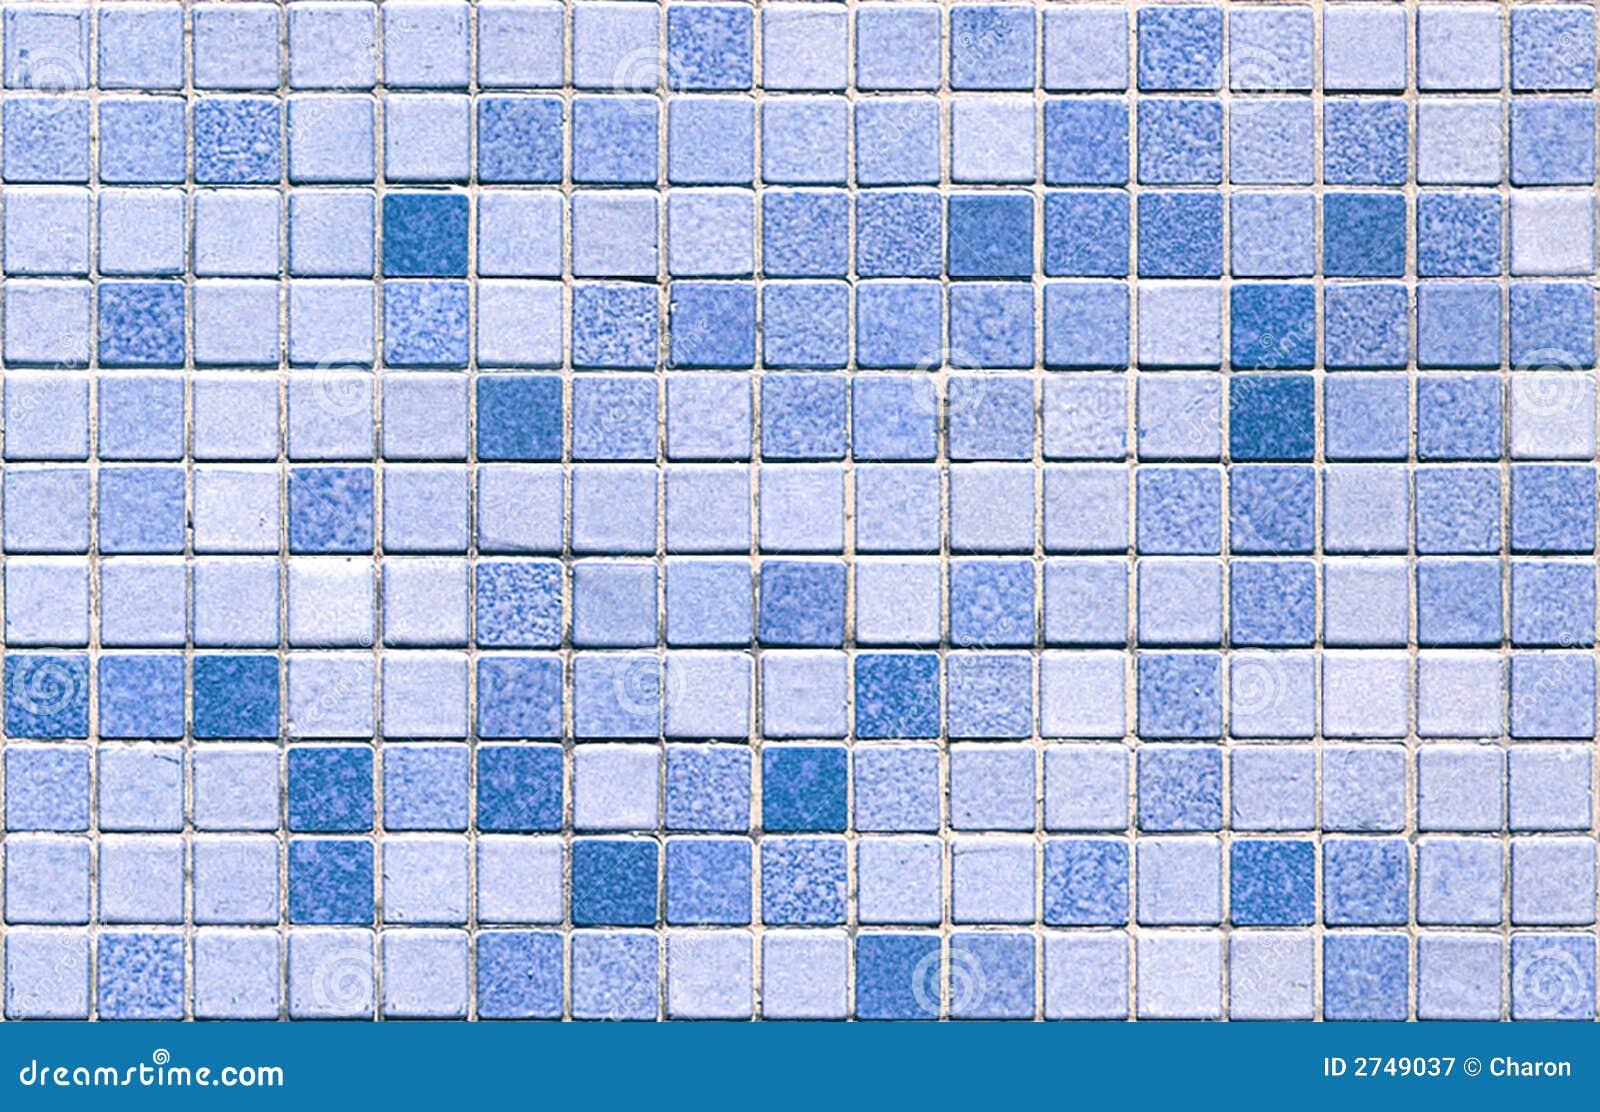 azulejos para bao azulblue mosaic tile texture azulejos para bao azul